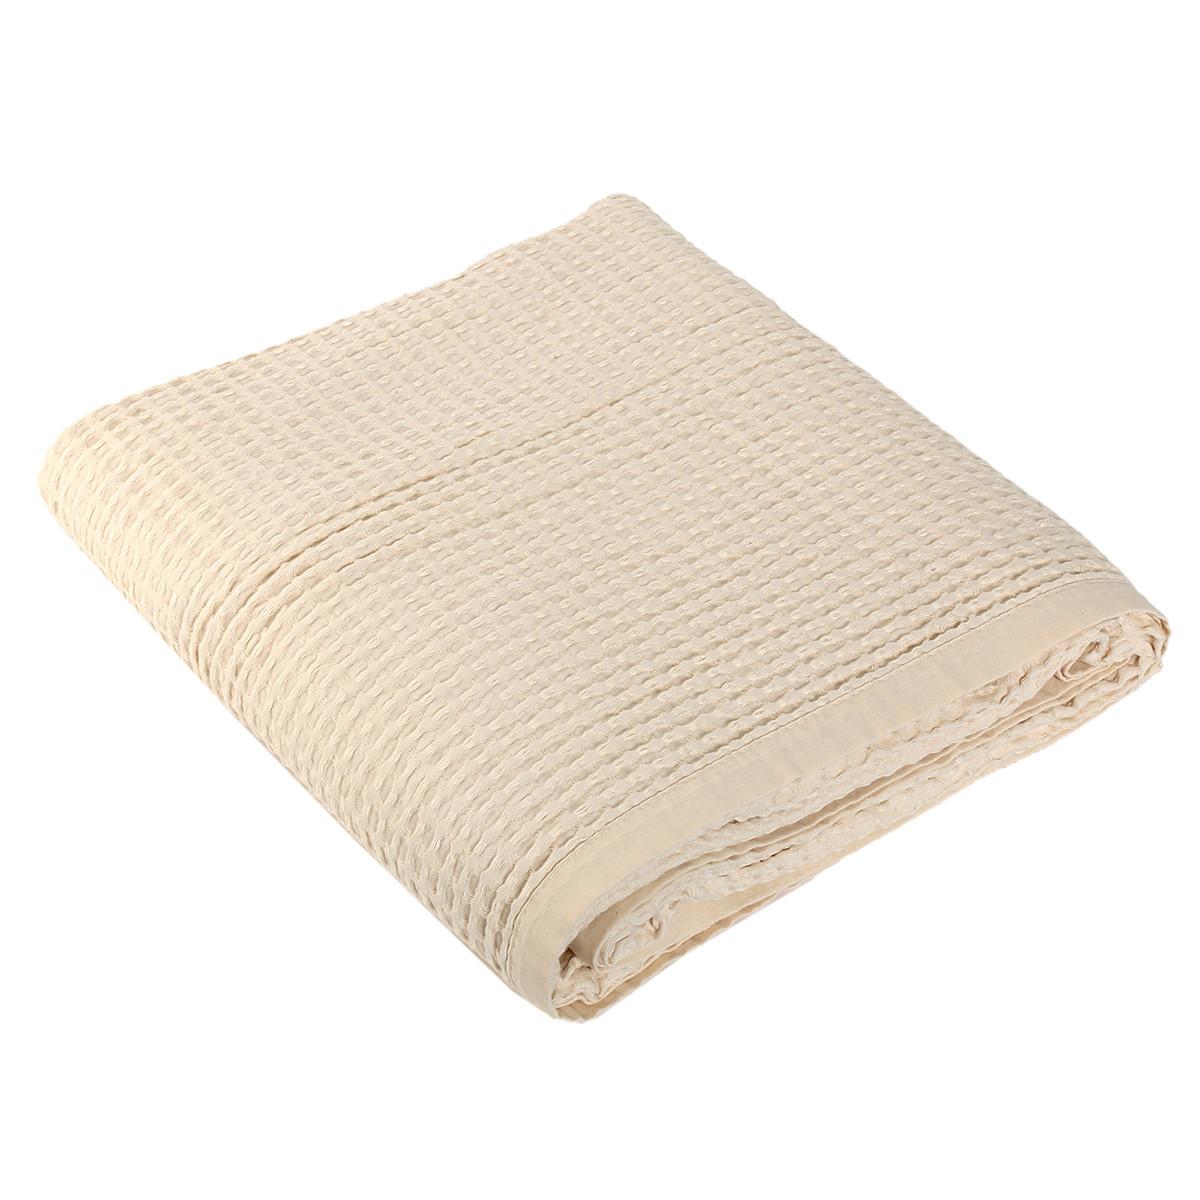 Κουβέρτα Πικέ Υπέρδιπλη Nef-Nef New Golf Ecru home   κρεβατοκάμαρα   κουβέρτες   κουβέρτες πικέ υπέρδιπλες